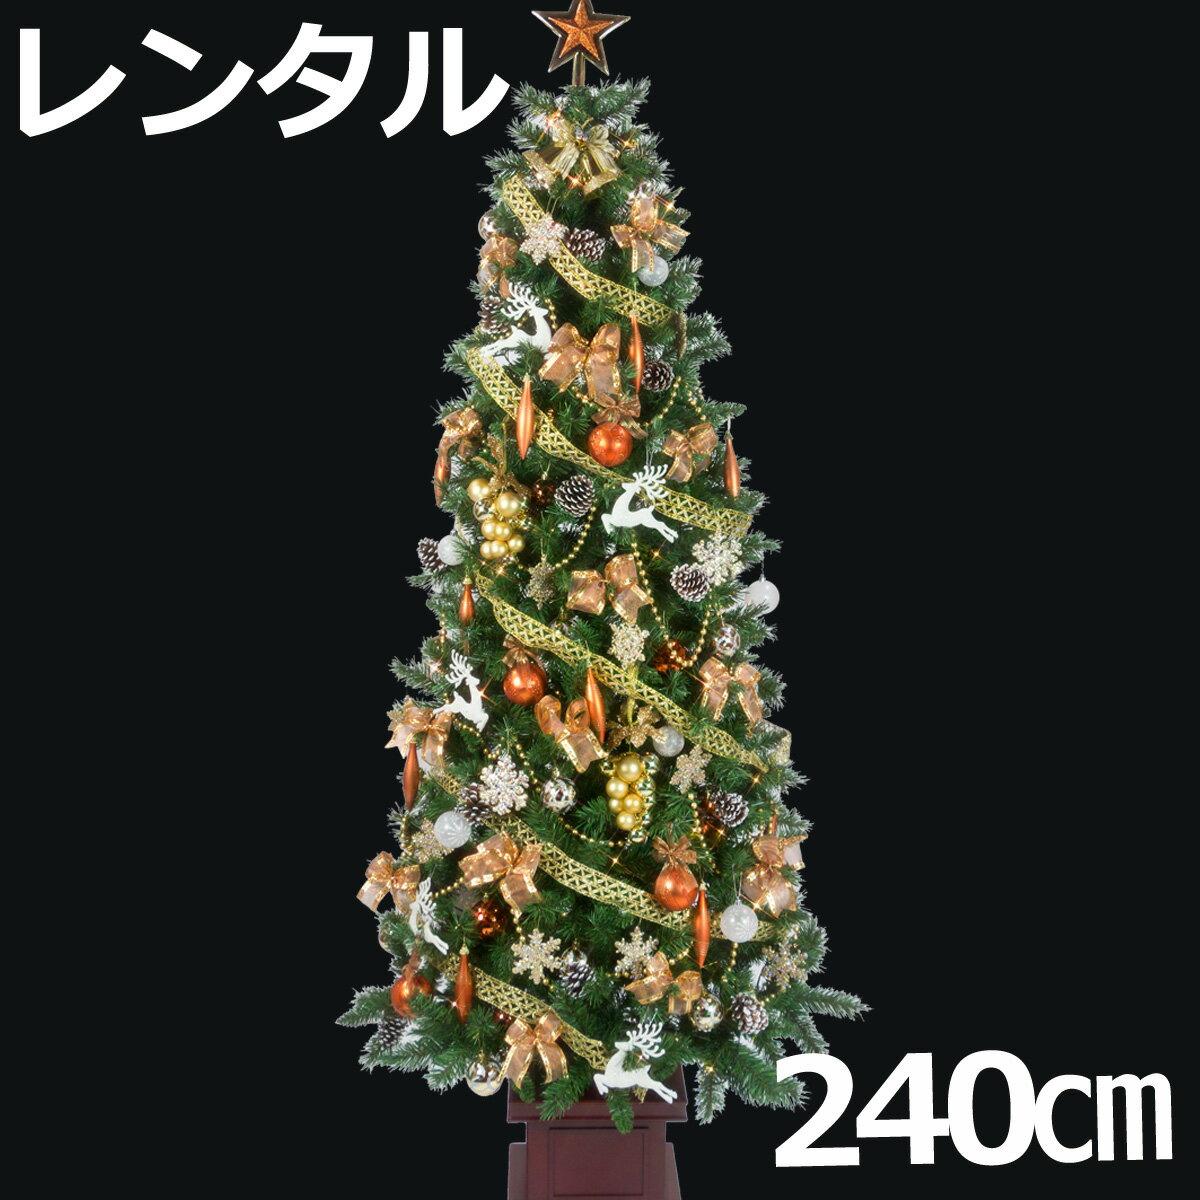 【レンタル】 クリスマスツリー セット 240cm 木製ポット付 コパー&ゴールド スリムタイプ【往復 送料無料】 クリスマスツリー レンタル fy16REN07